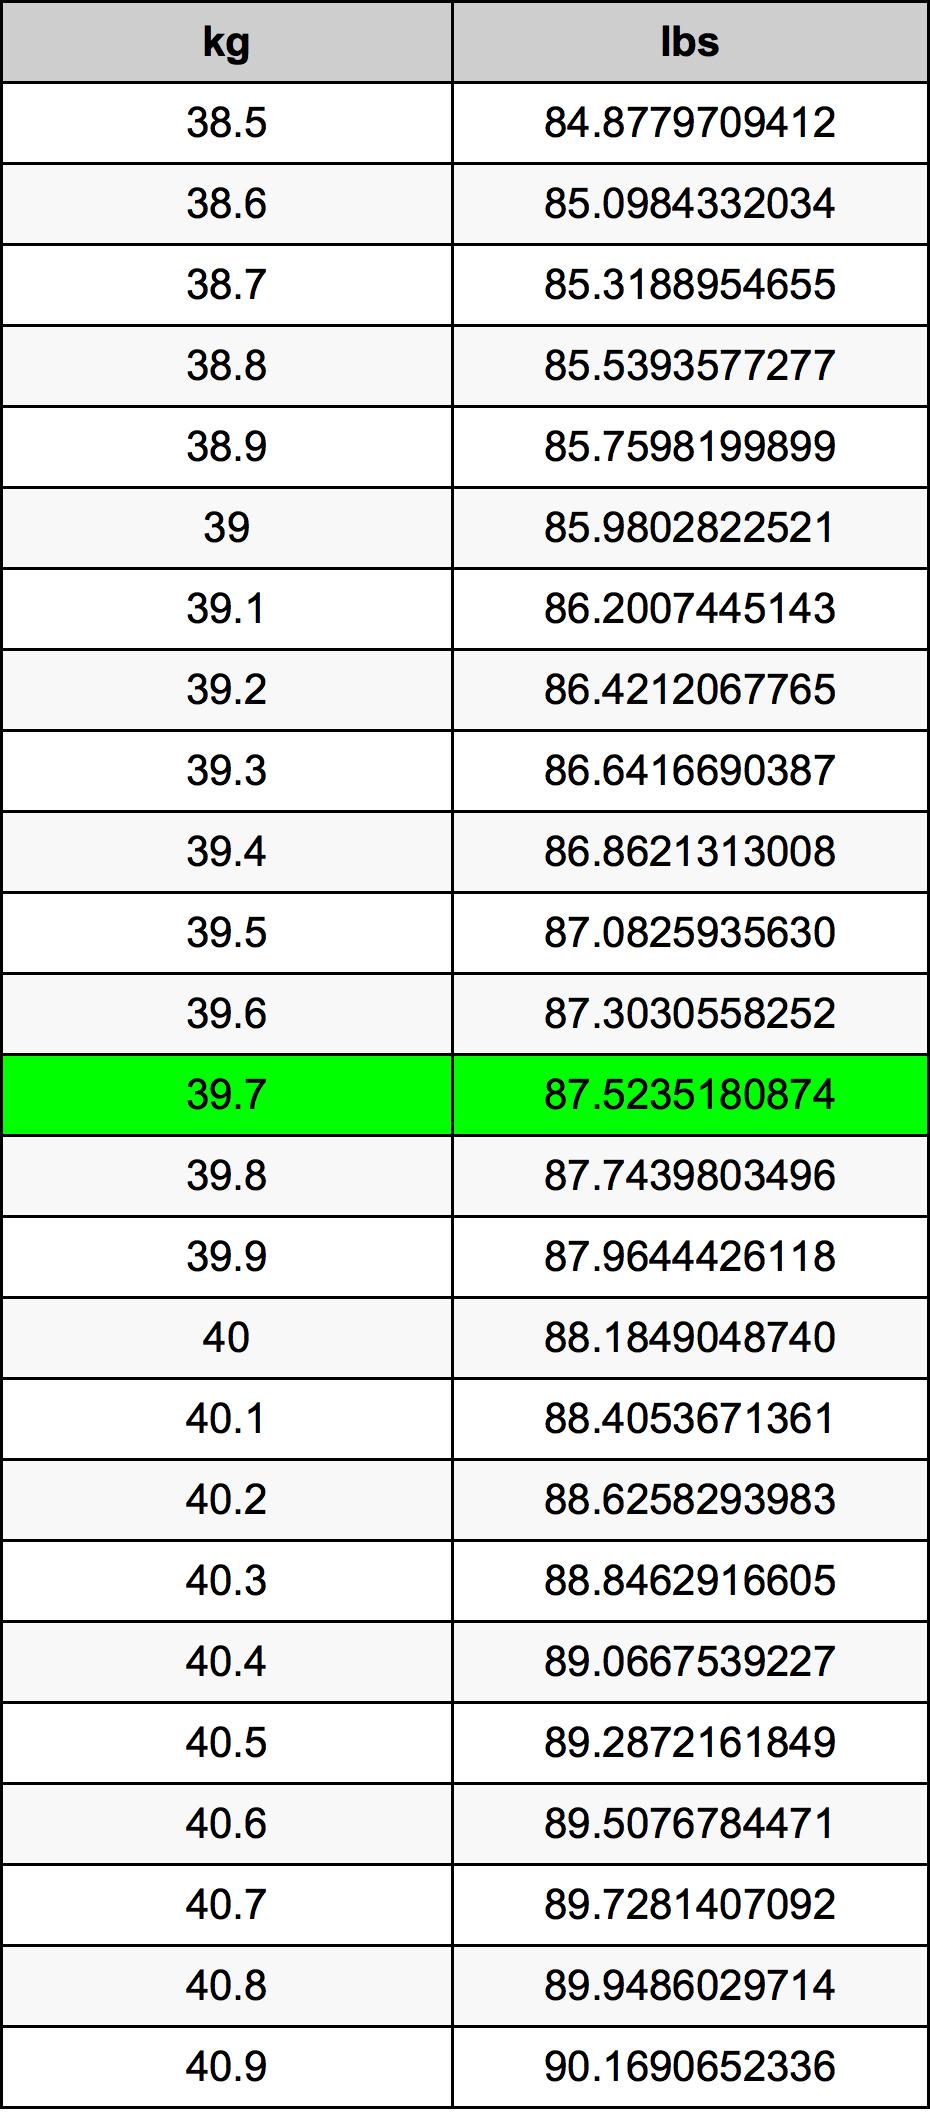 39.7 Kilogram Table